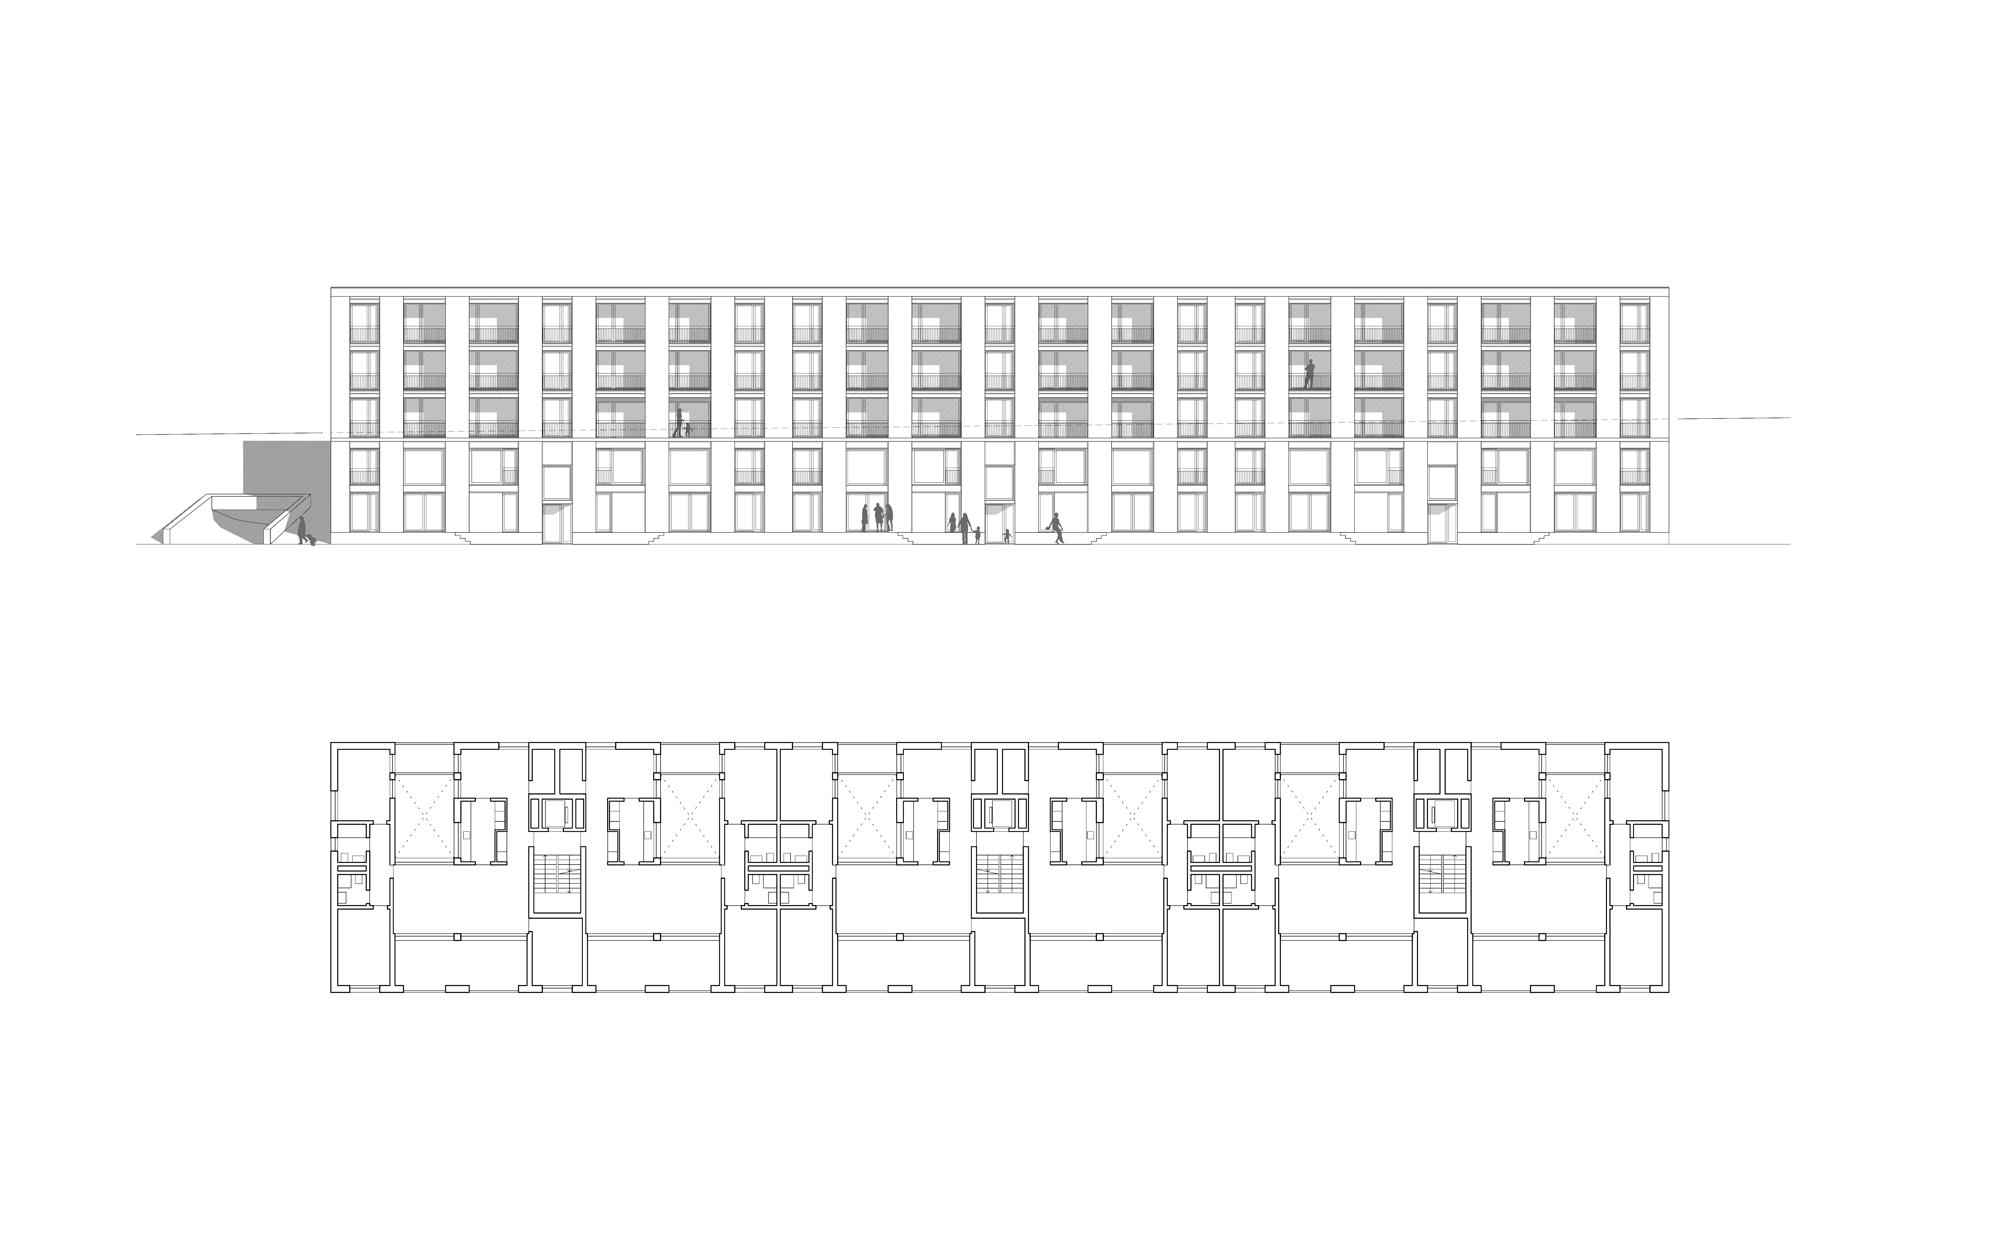 200-Obergeschoss-Wauwil-Brunnehof-1_200_web.png